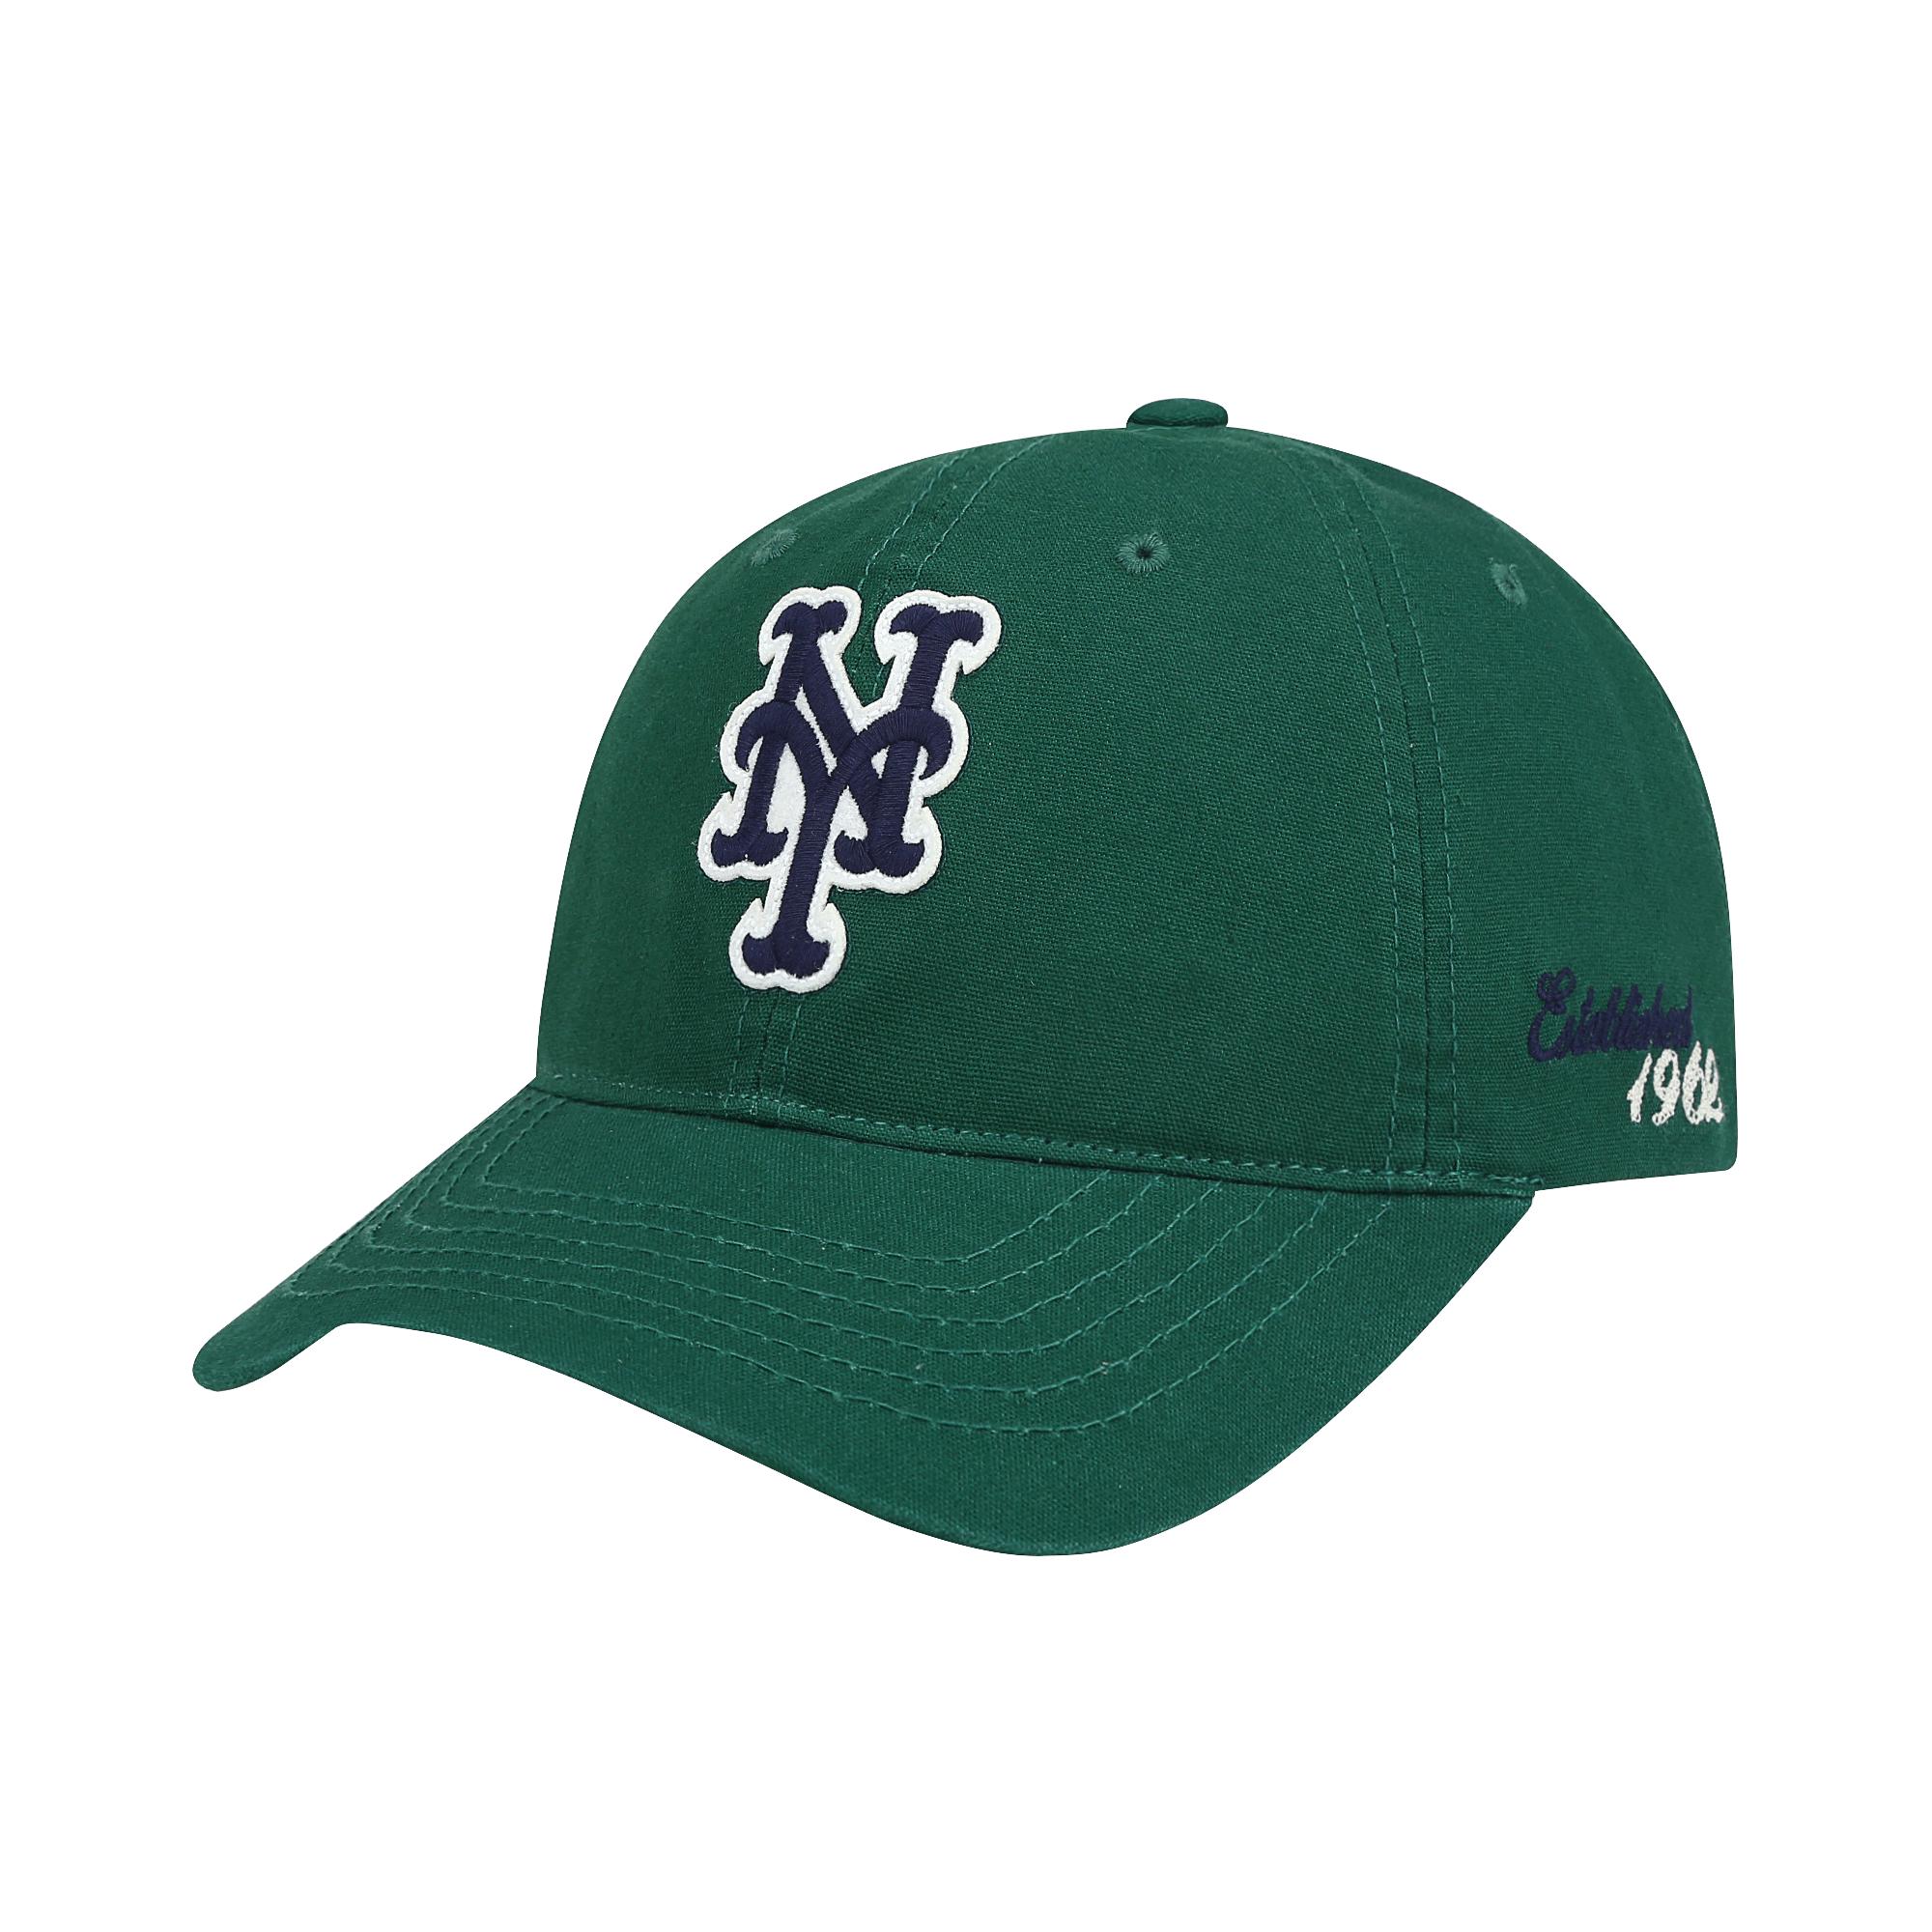 NEW YORK METS APPLIQUE BALL CAP